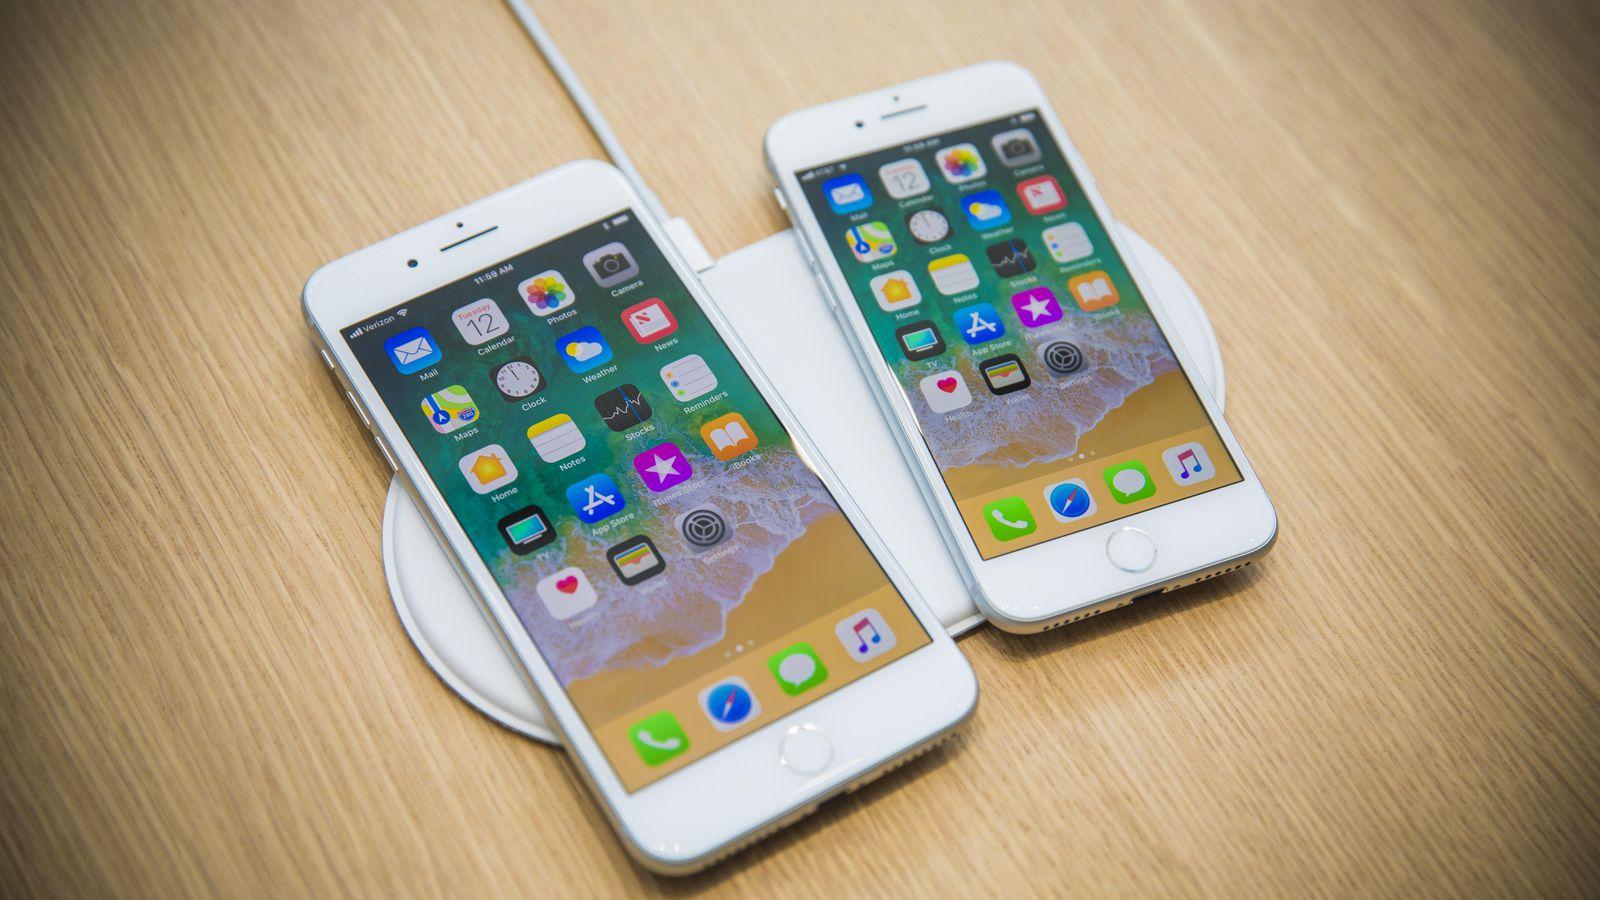 Apple no ha respondido ante la declaración de esta demanda de Qualcomm